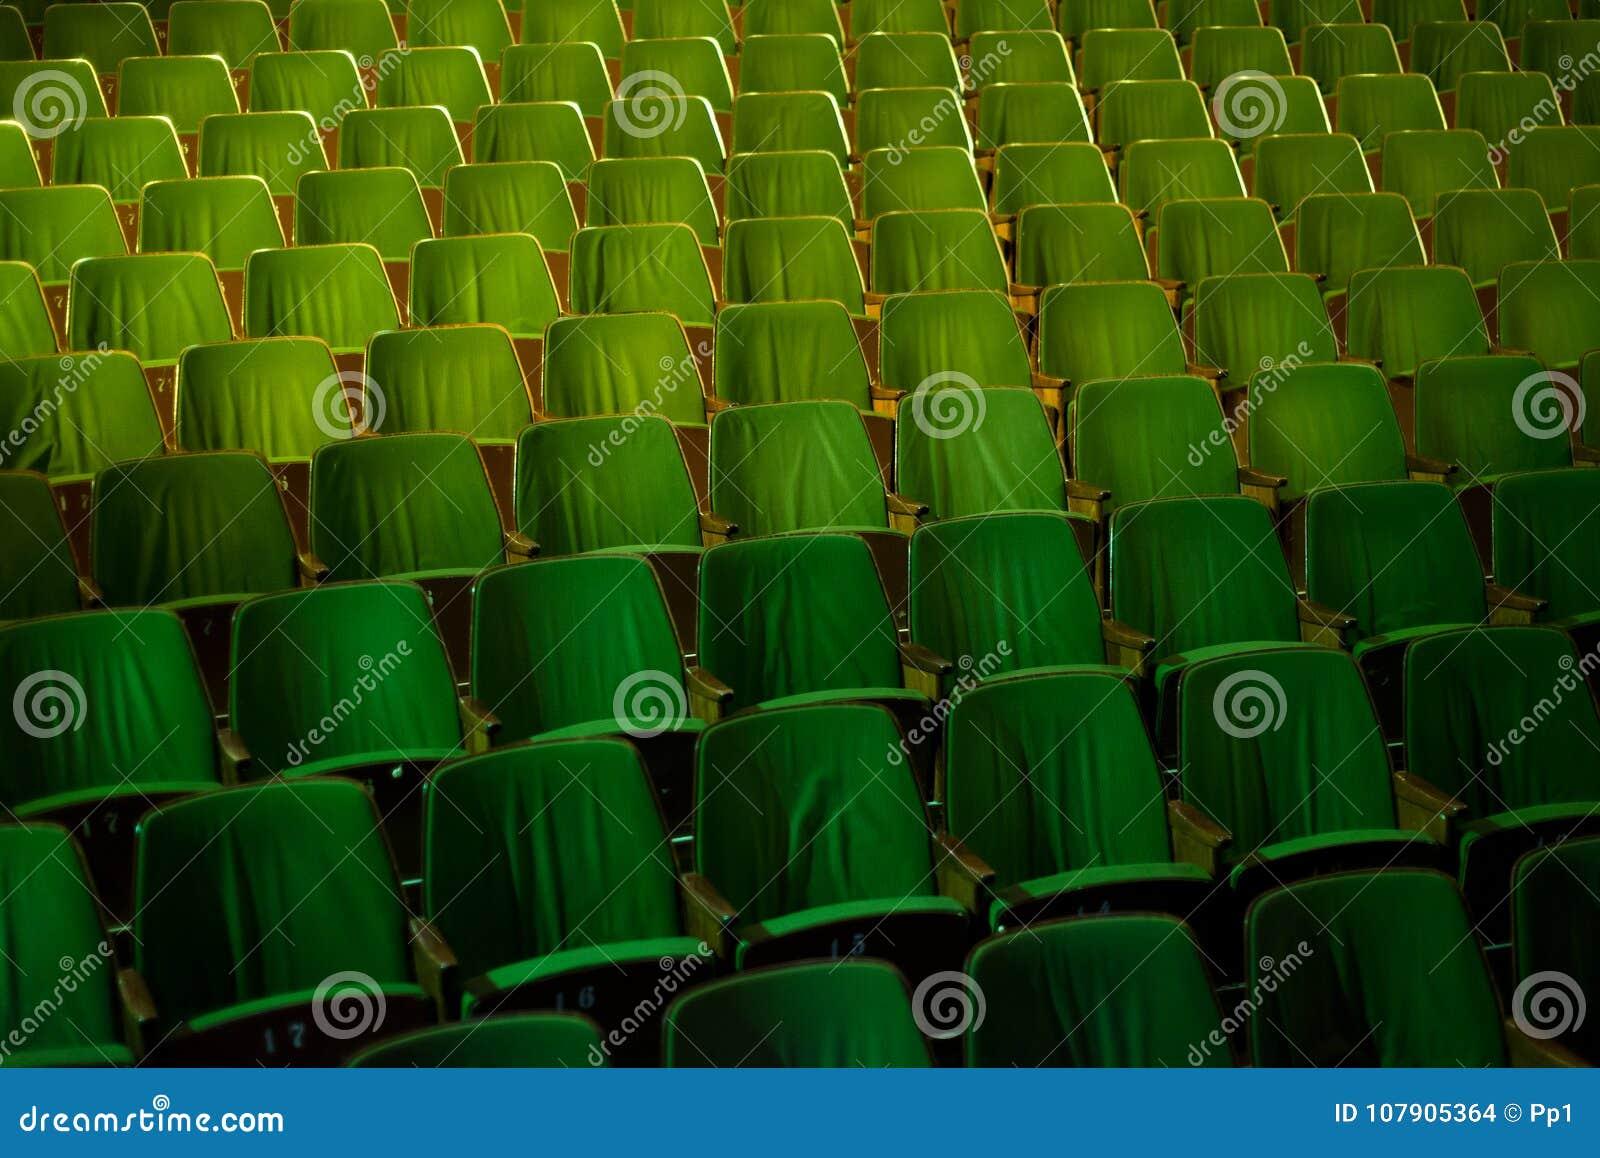 Εκλεκτής ποιότητας κινηματογράφων θεάτρων κινηματογράφων καθίσματα διατάξεων θέσεων ακροατηρίων αναδρομικά, η δεκαετία του  60 τη